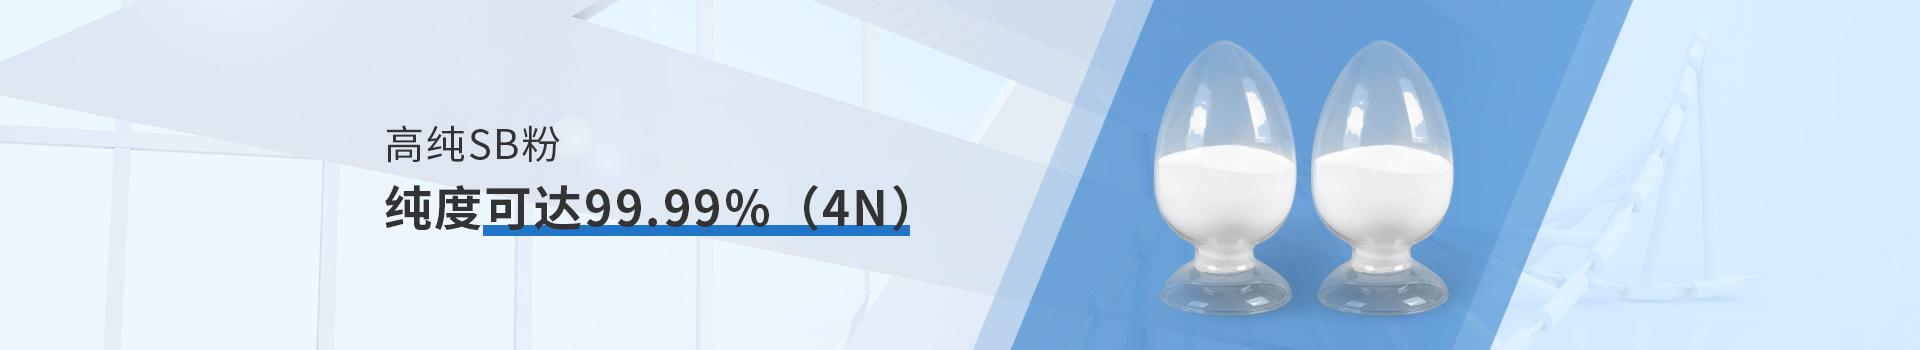 中天利高纯SB粉纯度可达99.99%